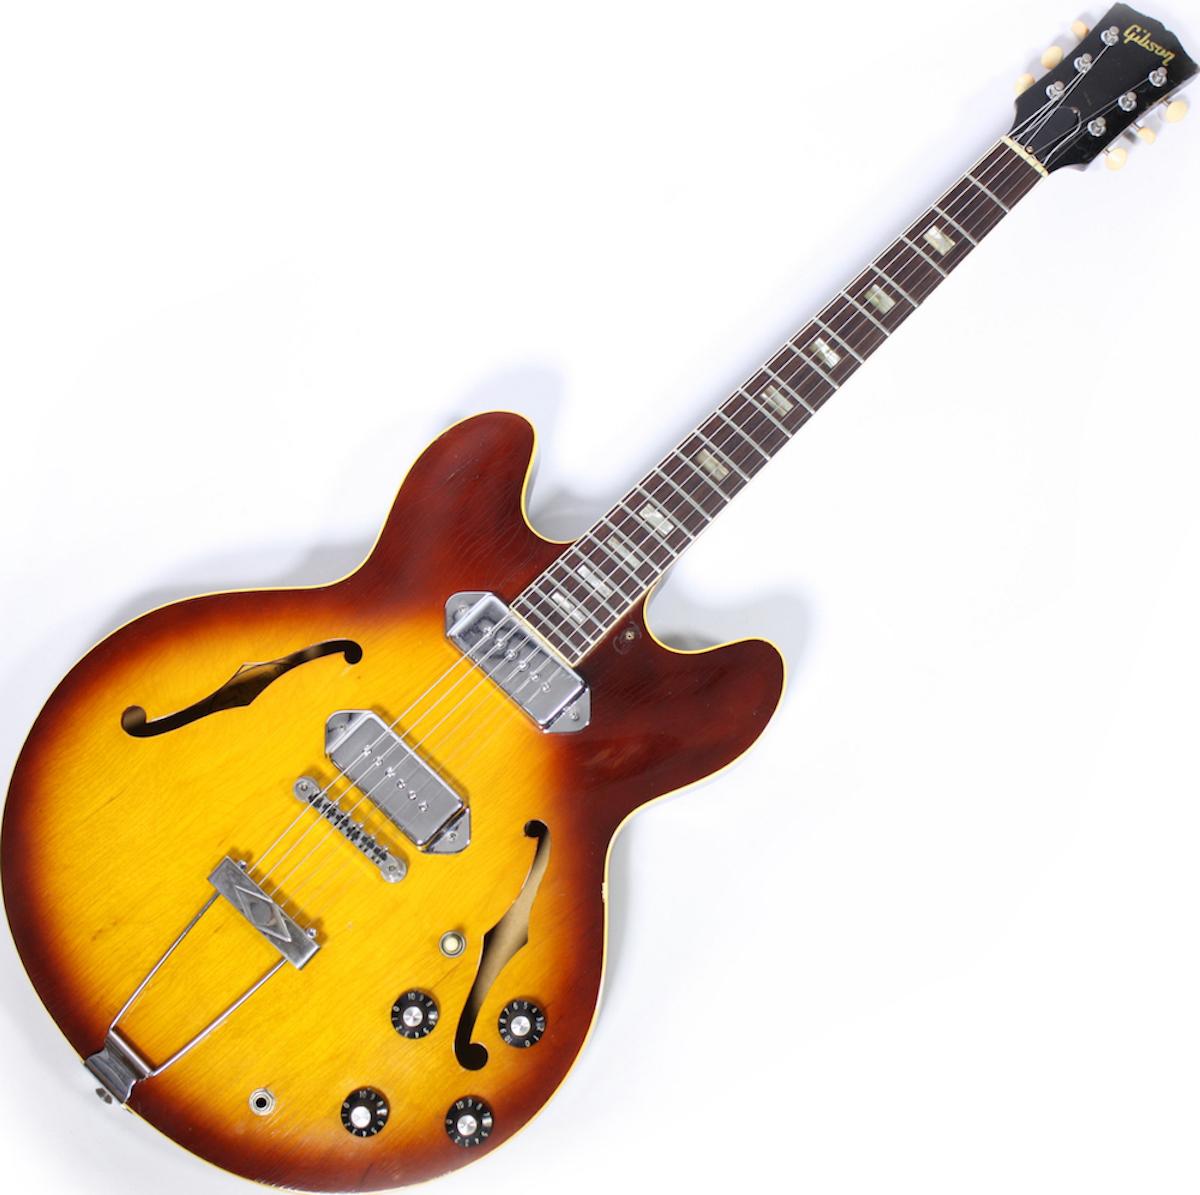 1969 Gibson ES-330 Sunburst original